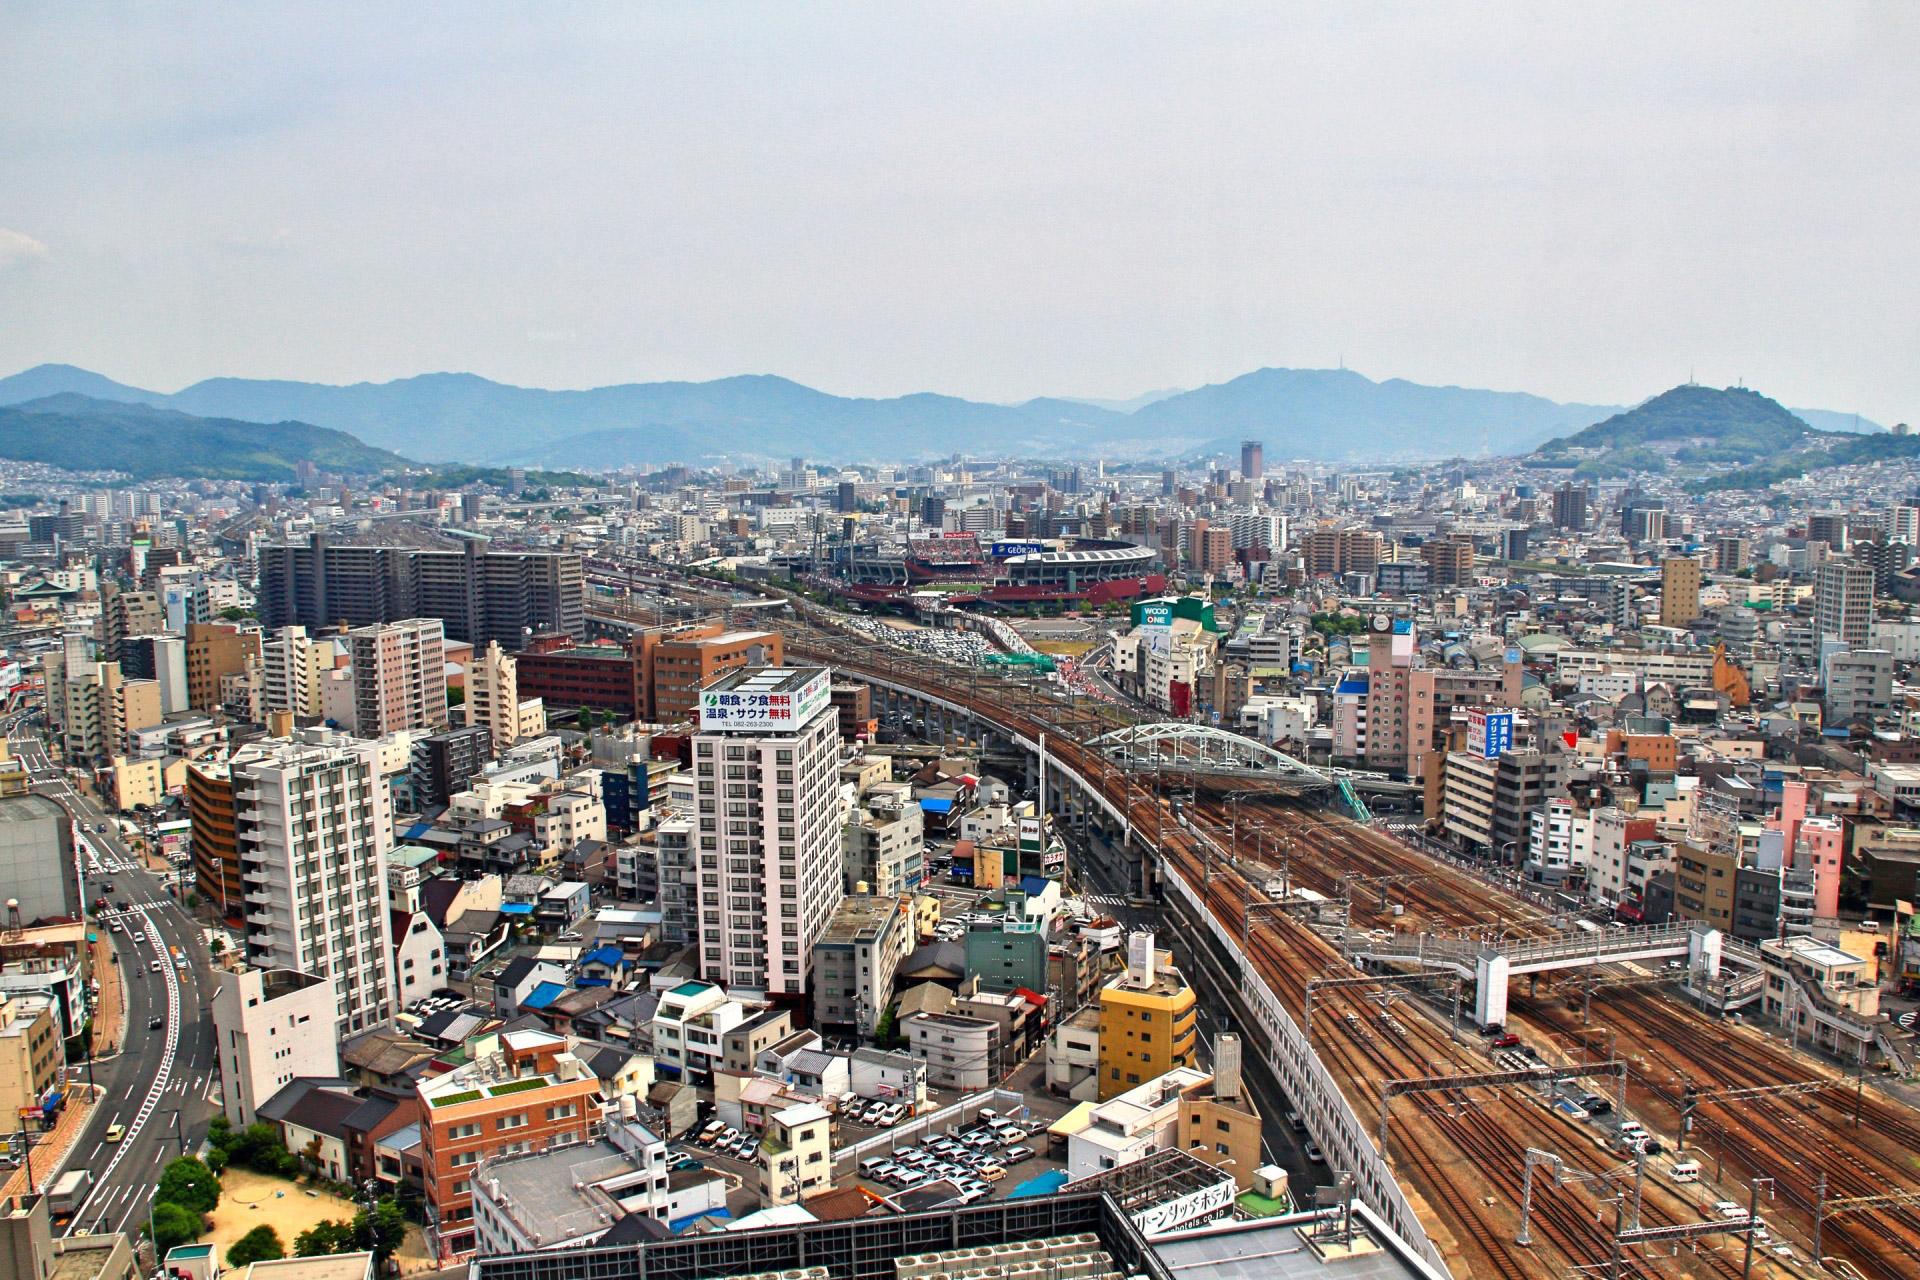 広島でAmazonギフト券買取をやっている所は存在しない?